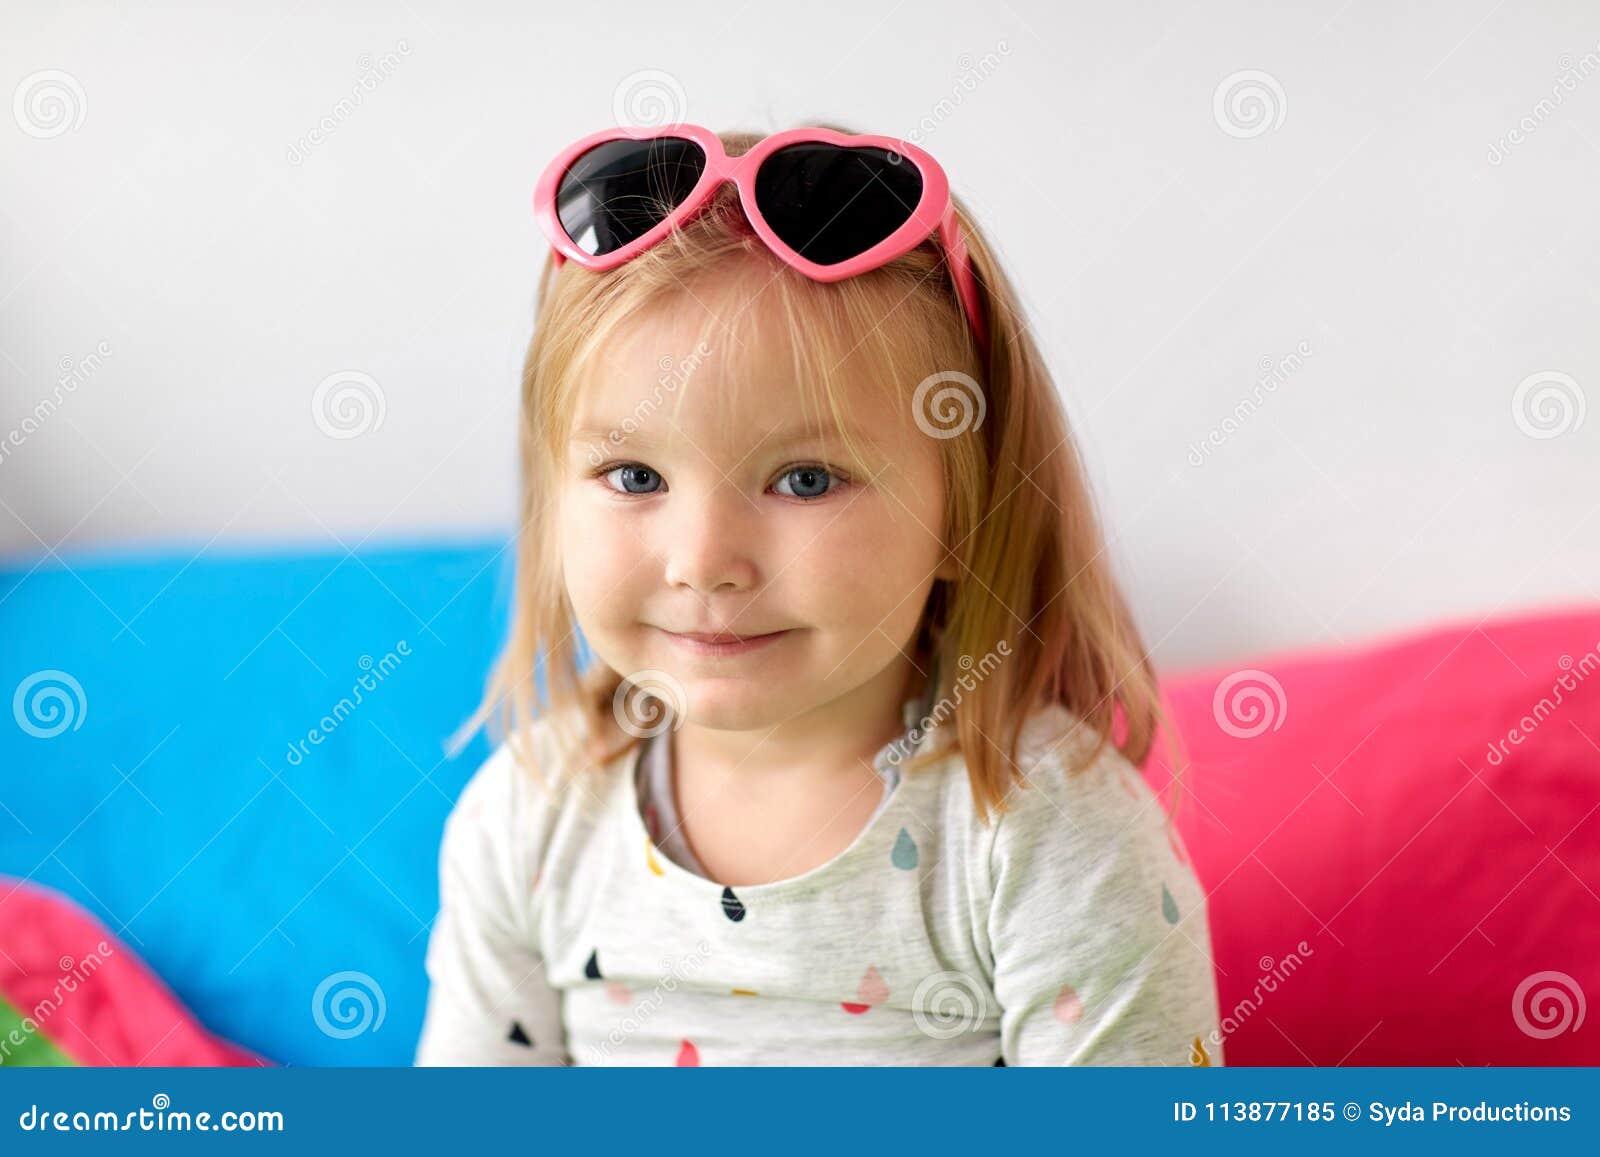 332ebf81d0 Enfance et concept de personnes - portrait de petite fille de sourire  heureuse avec les lunettes de soleil en forme de coeur